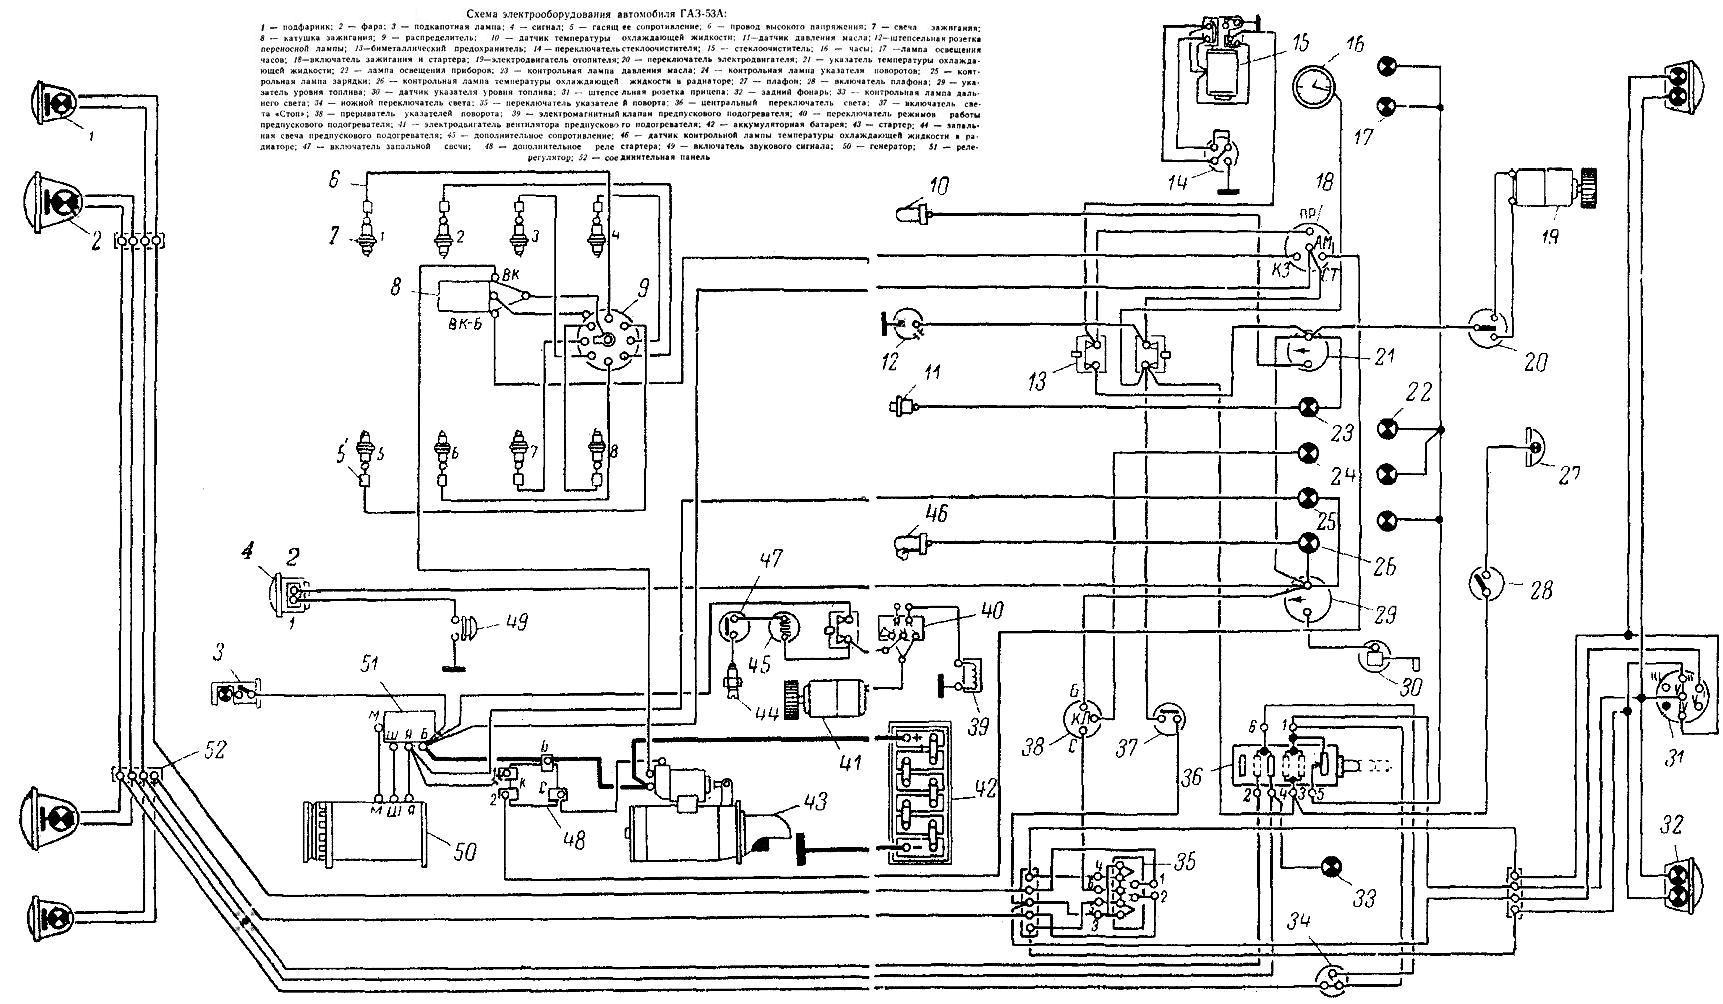 электро схема газ-66